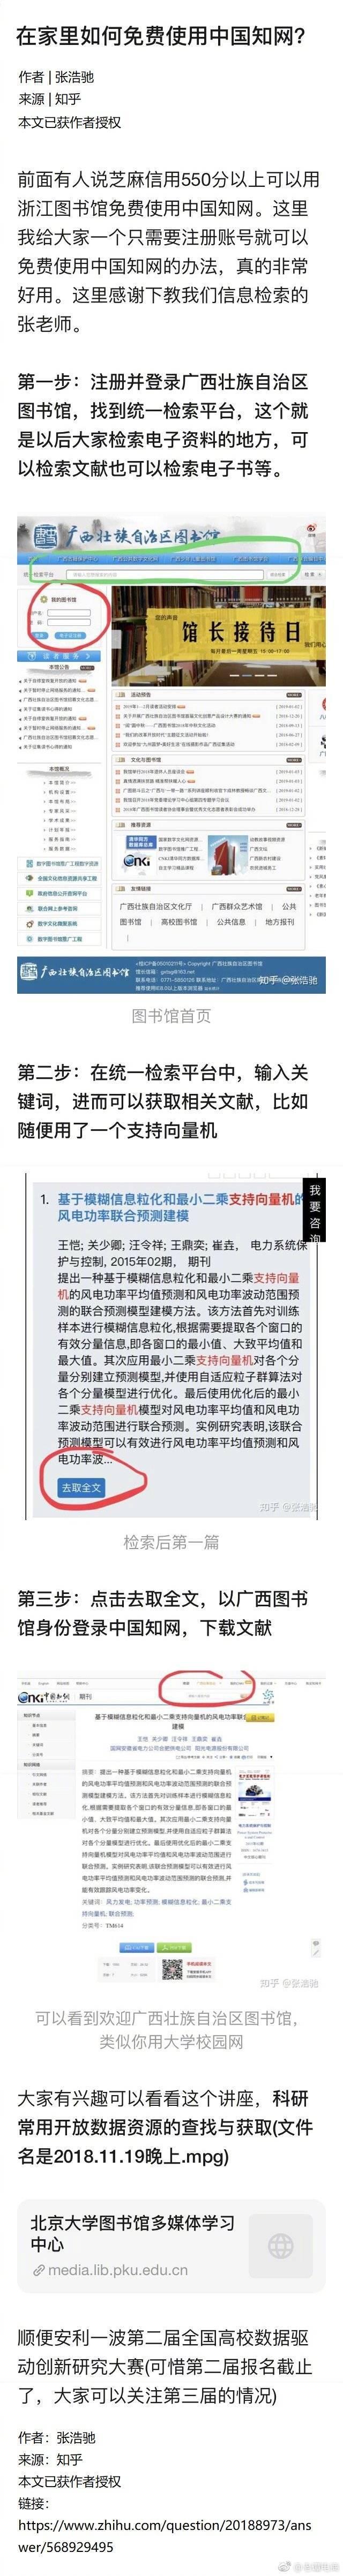 浙江图书馆支付宝建卡,免费下载万方、维普、知网等期刊文献